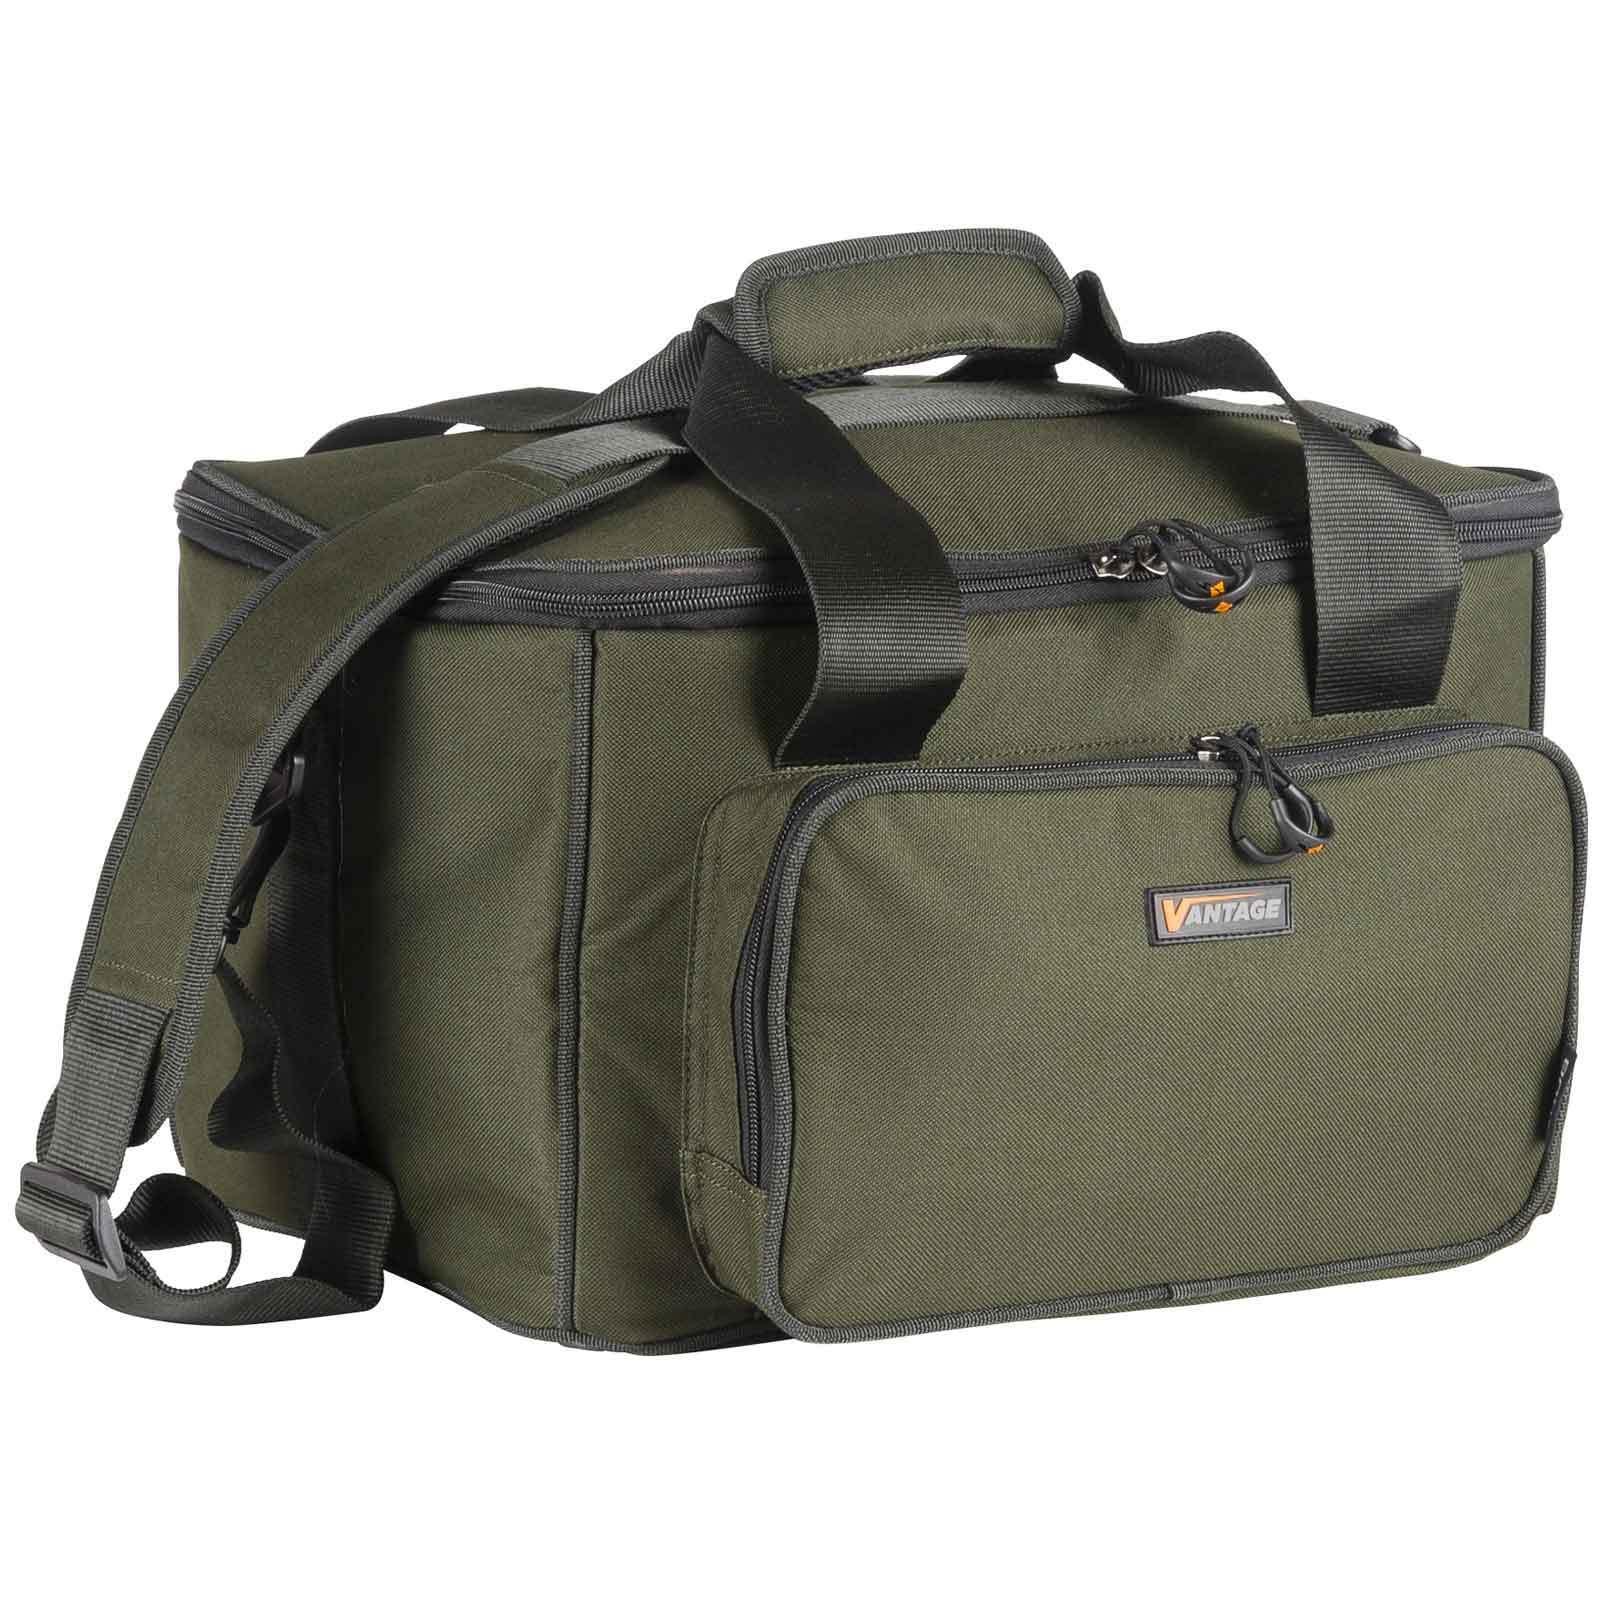 Chub Ködertasche angeln Karpfen Futter - Vantage Insulated Bait Bag 35x25x32cm